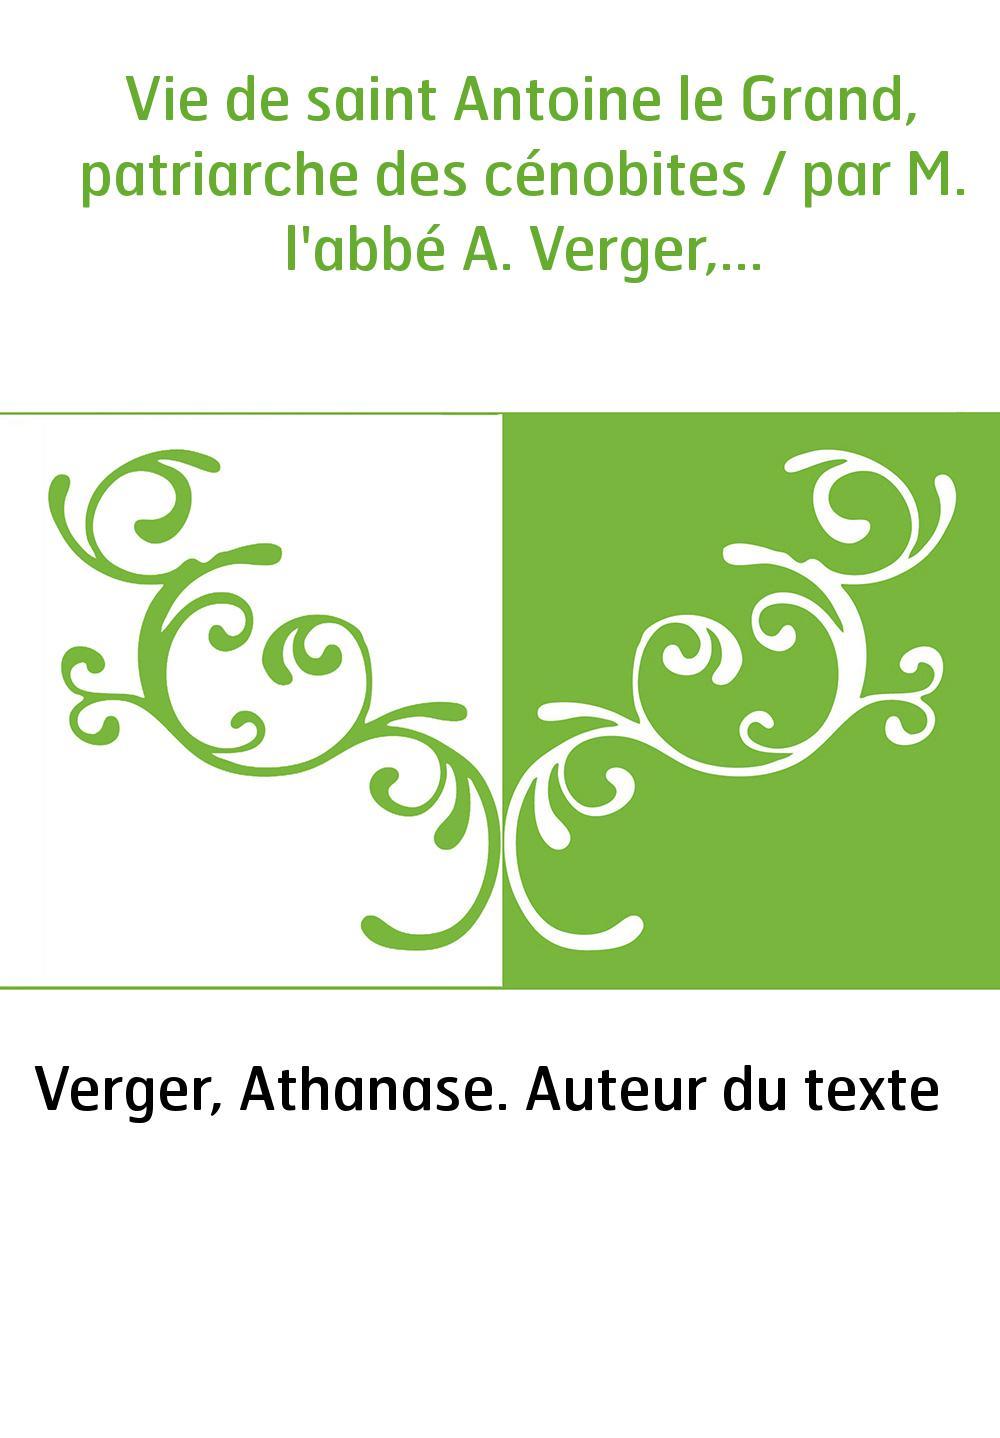 Vie de saint Antoine le Grand, patriarche des cénobites / par M. l'abbé A. Verger,...